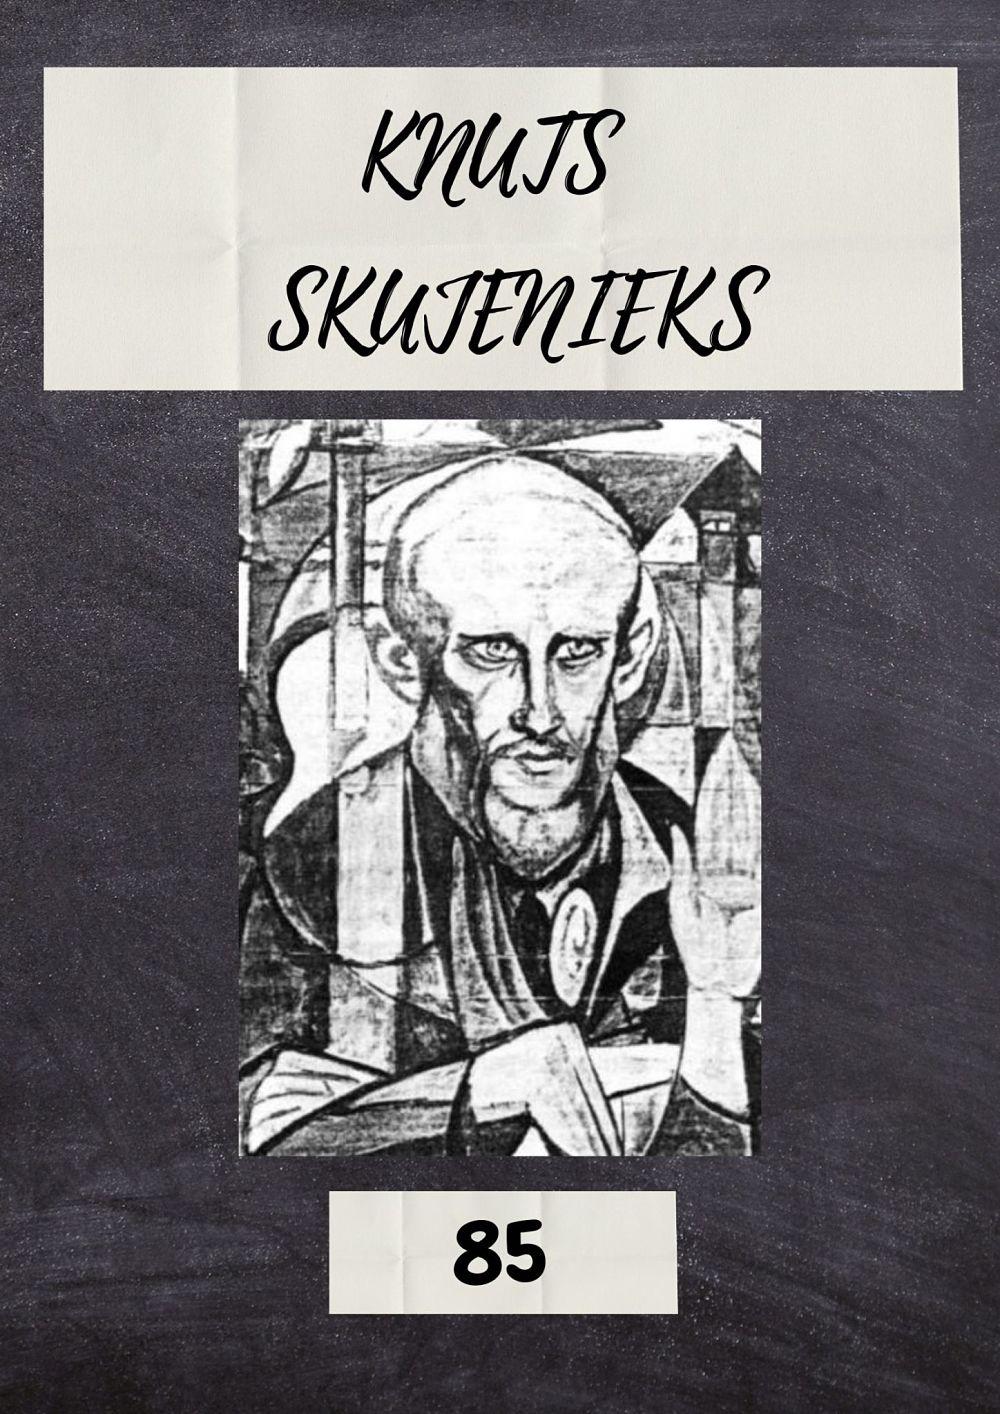 Plakāts izstādei Knutam Skujeniekam - 85